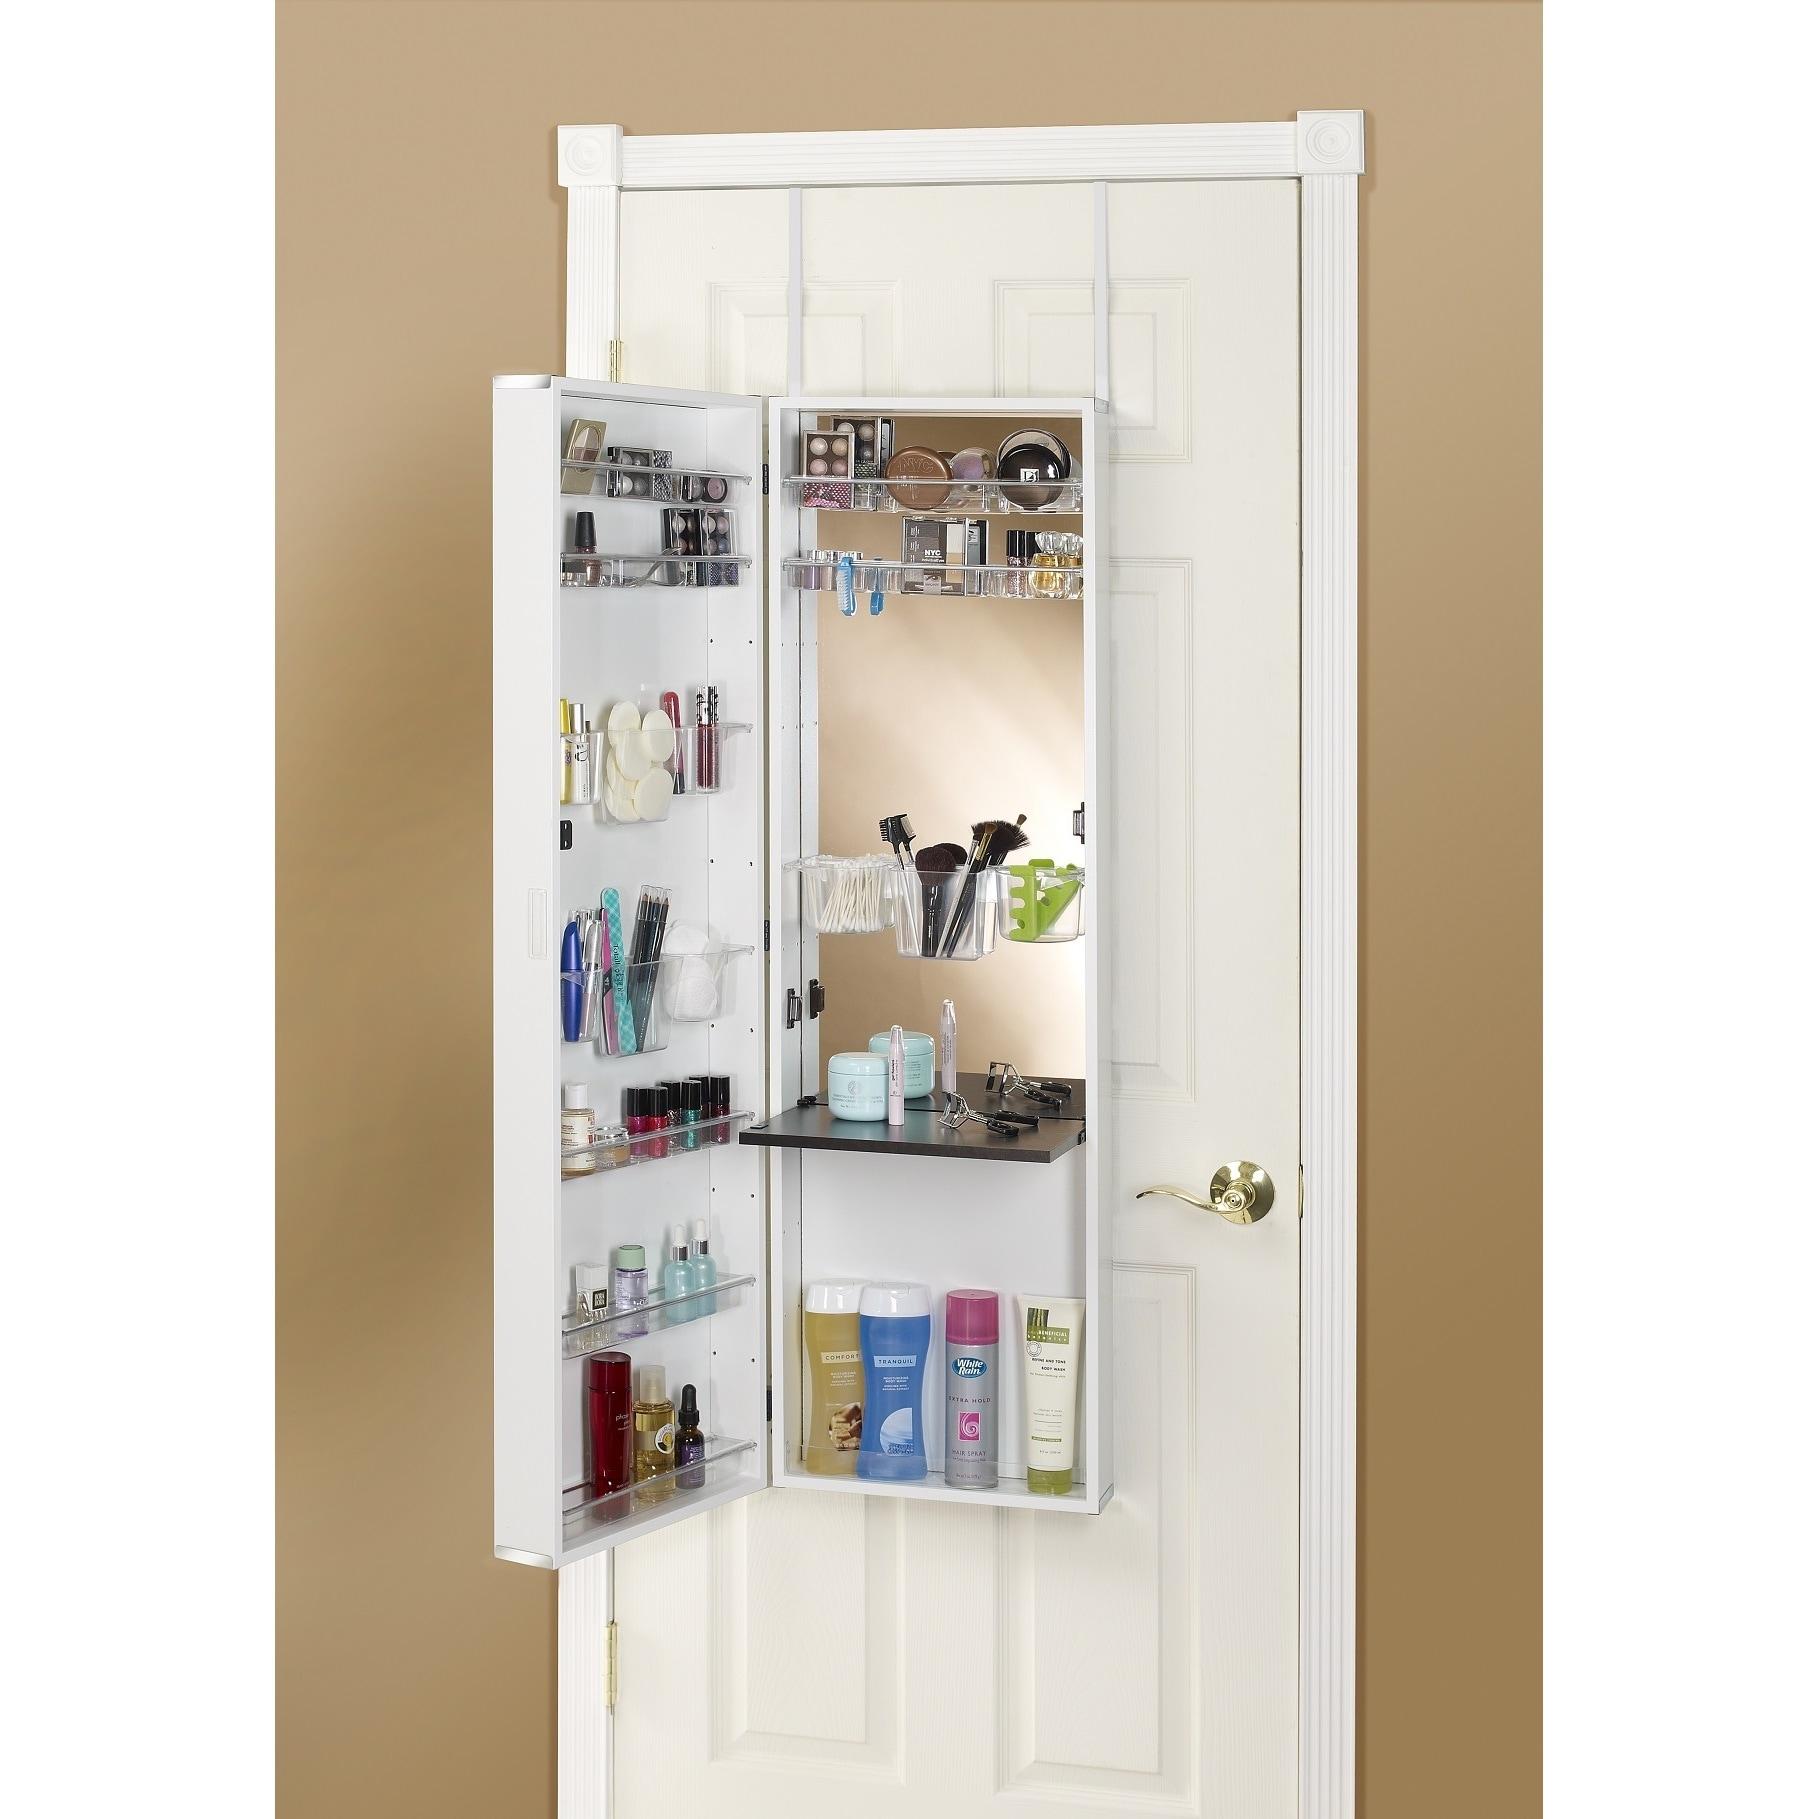 Clay Alder Home Buckman Over The Door Mirror Makeup Vanity Armoire   Free  Shipping Today   Overstock   16152744